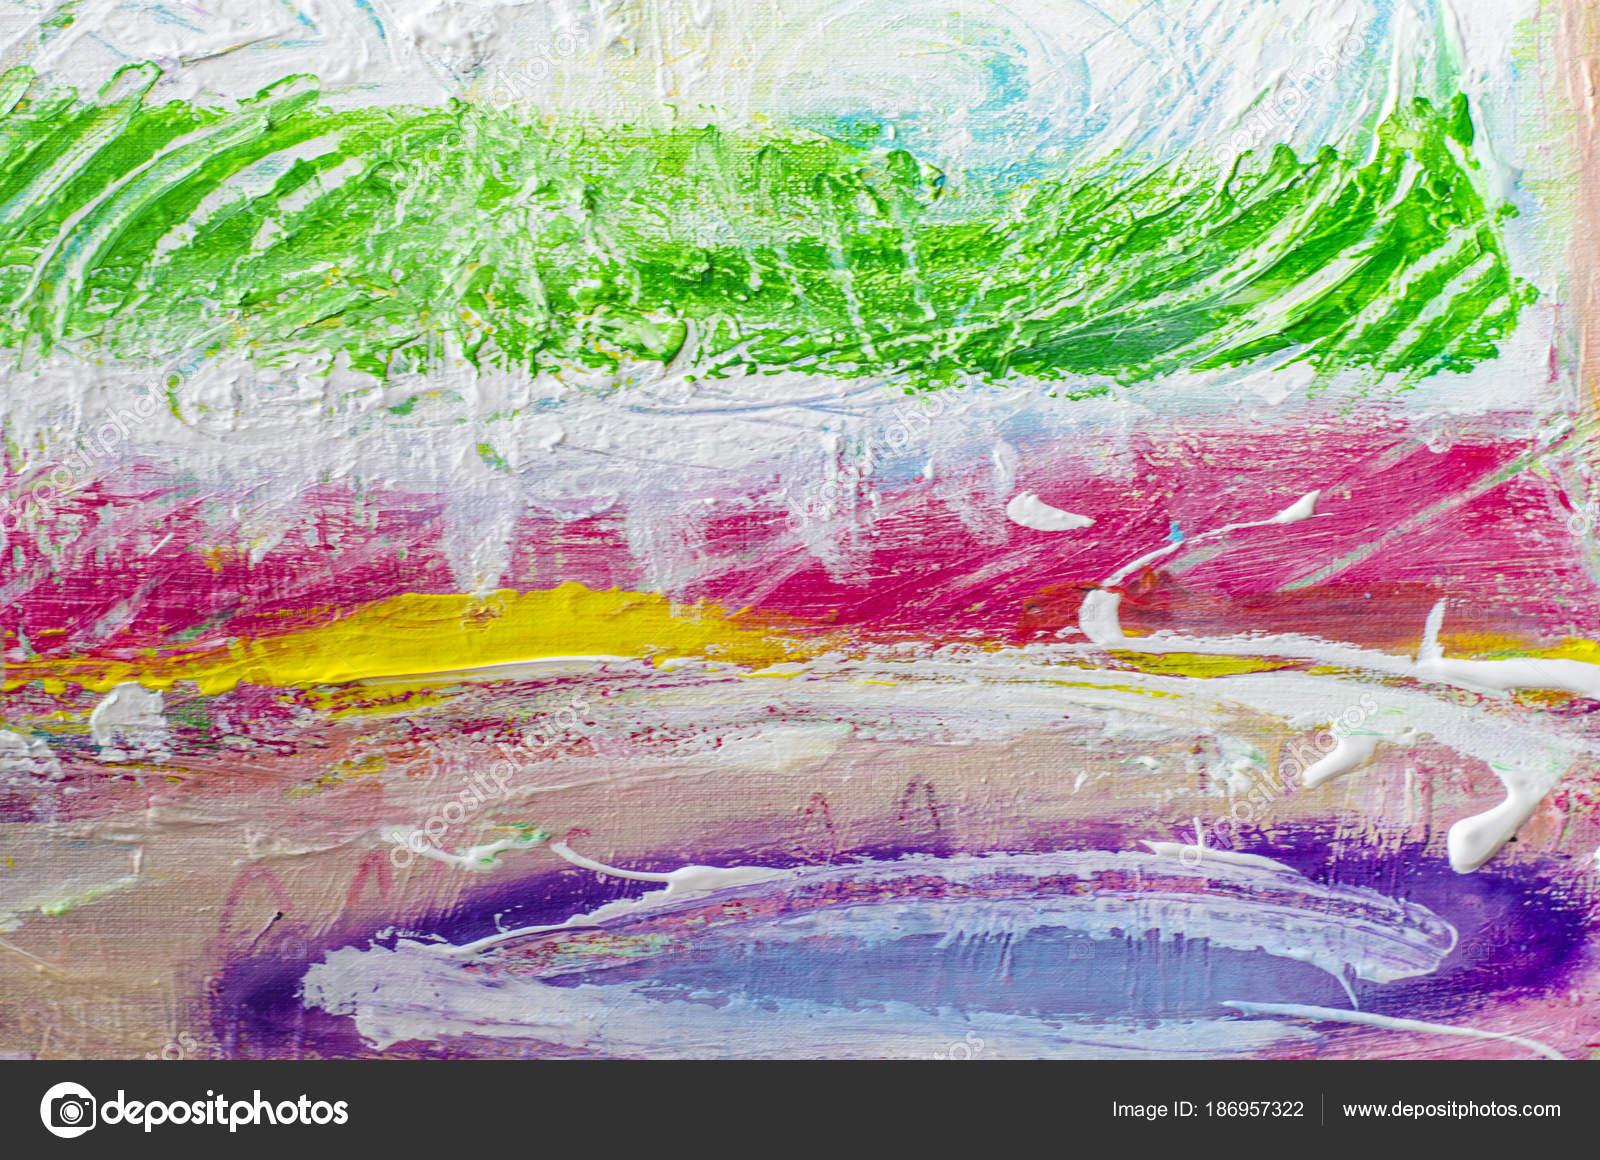 main a attiré la peinture acrylique. contexte de l'art abstrait